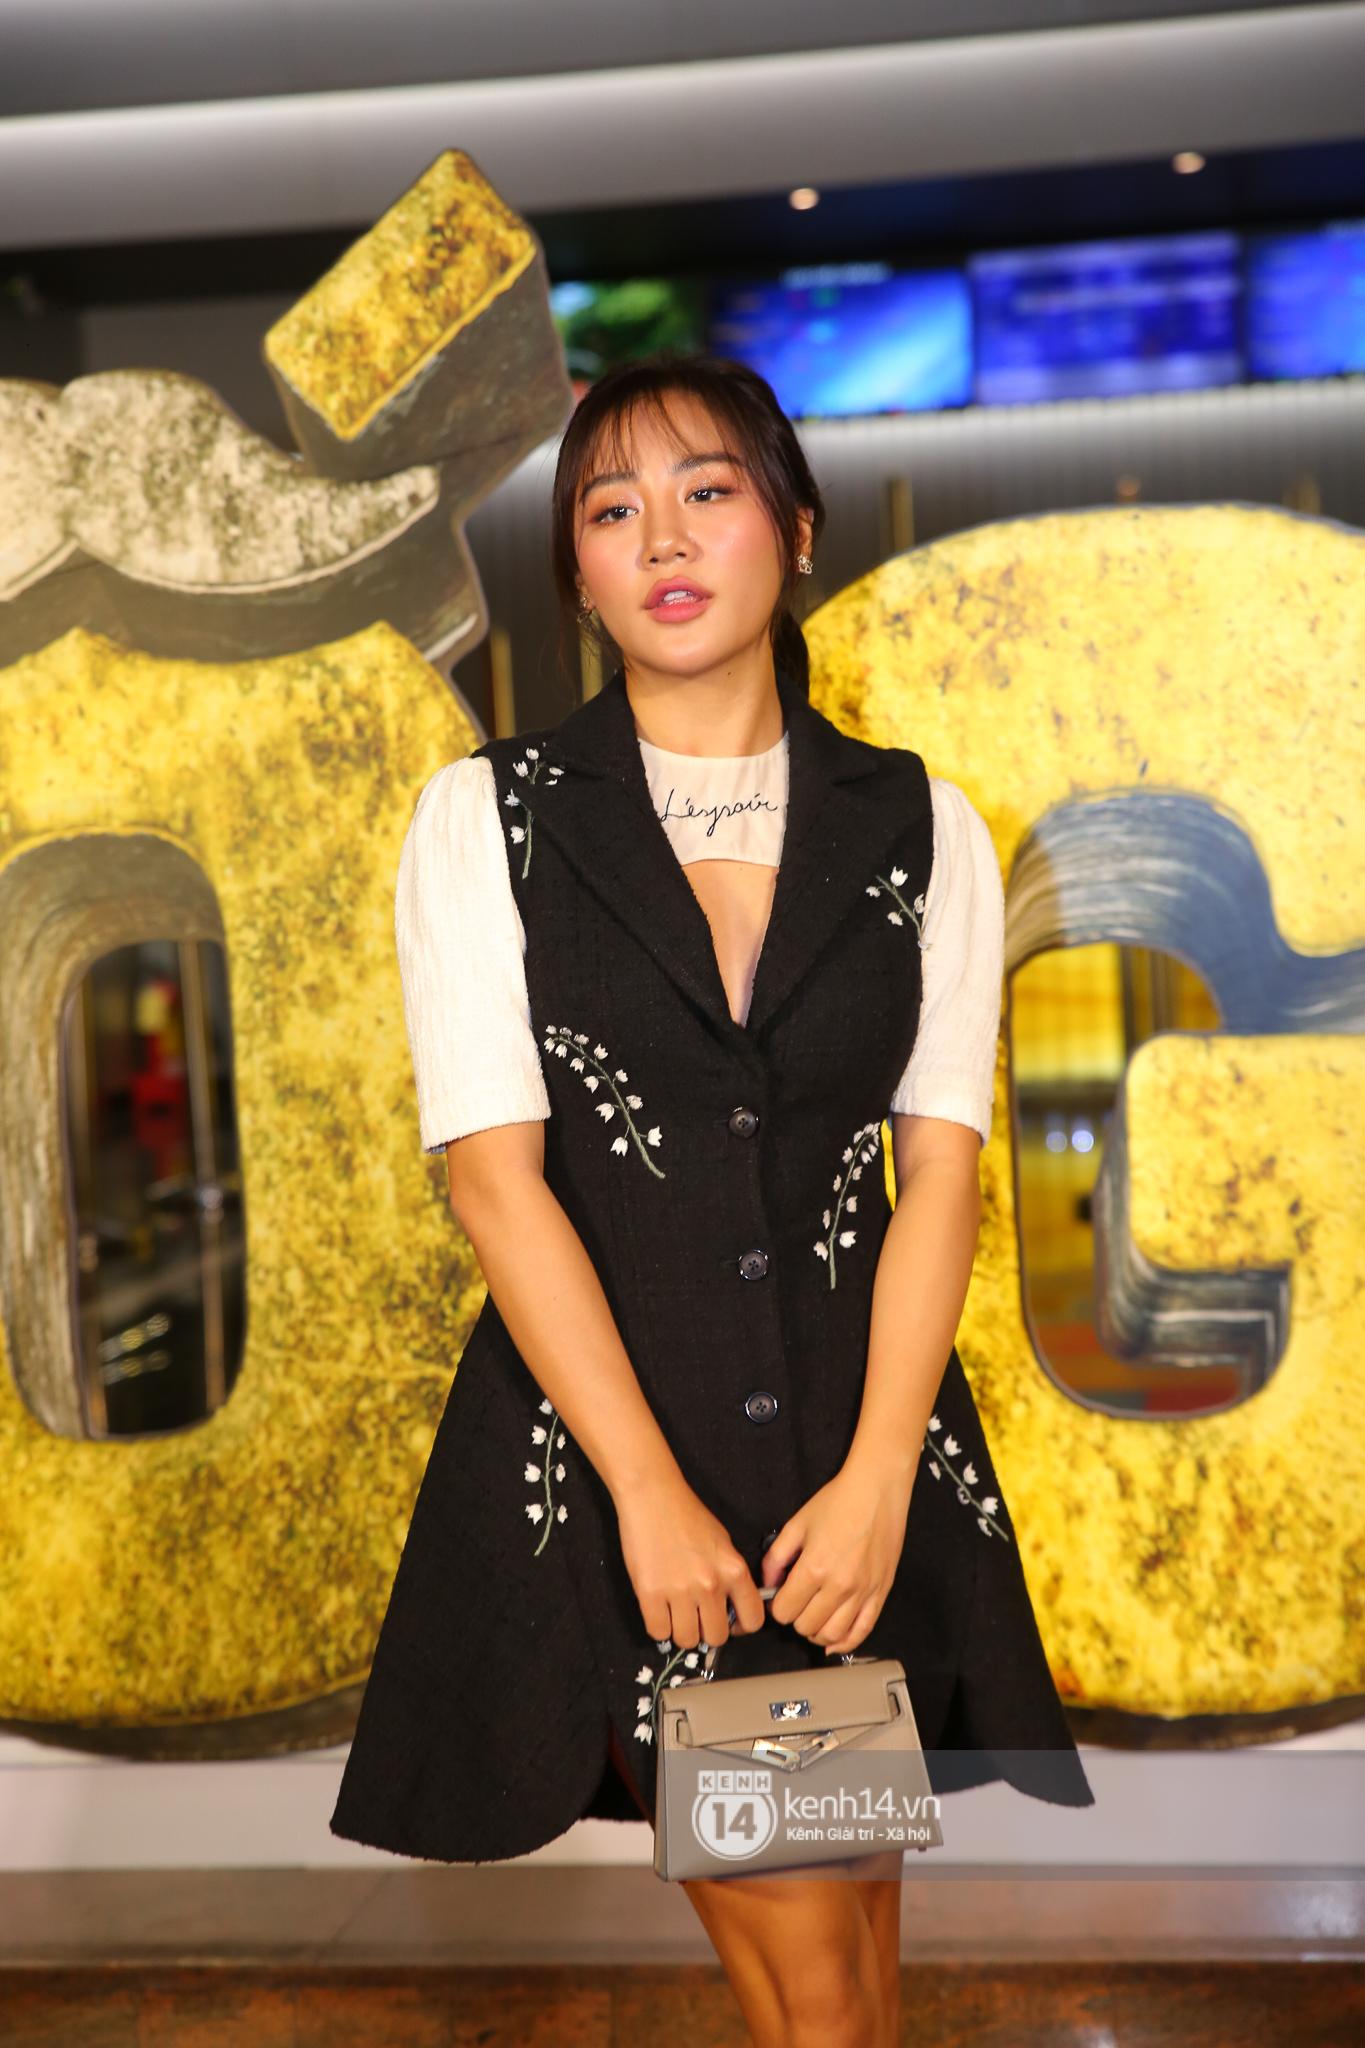 Cặp đôi nhà Đông Nhi, Lệ Quyên thi nhau show ân ái không kém cạnh Trấn Thành - Hariwon ở siêu thảm đỏ Bố Già - Ảnh 12.